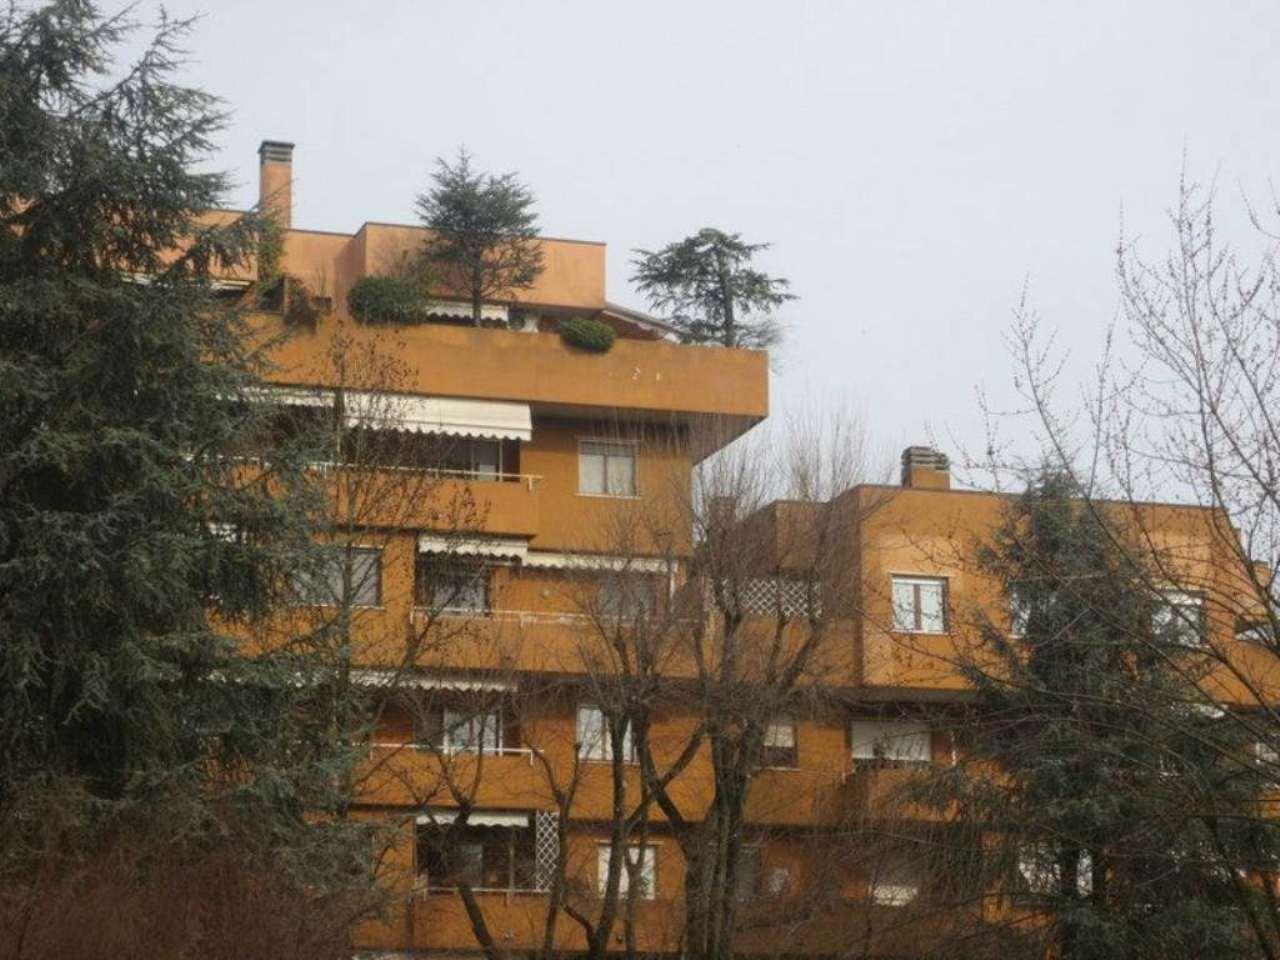 Attico / Mansarda in vendita a Peschiera Borromeo, 4 locali, prezzo € 418.000   Cambio Casa.it